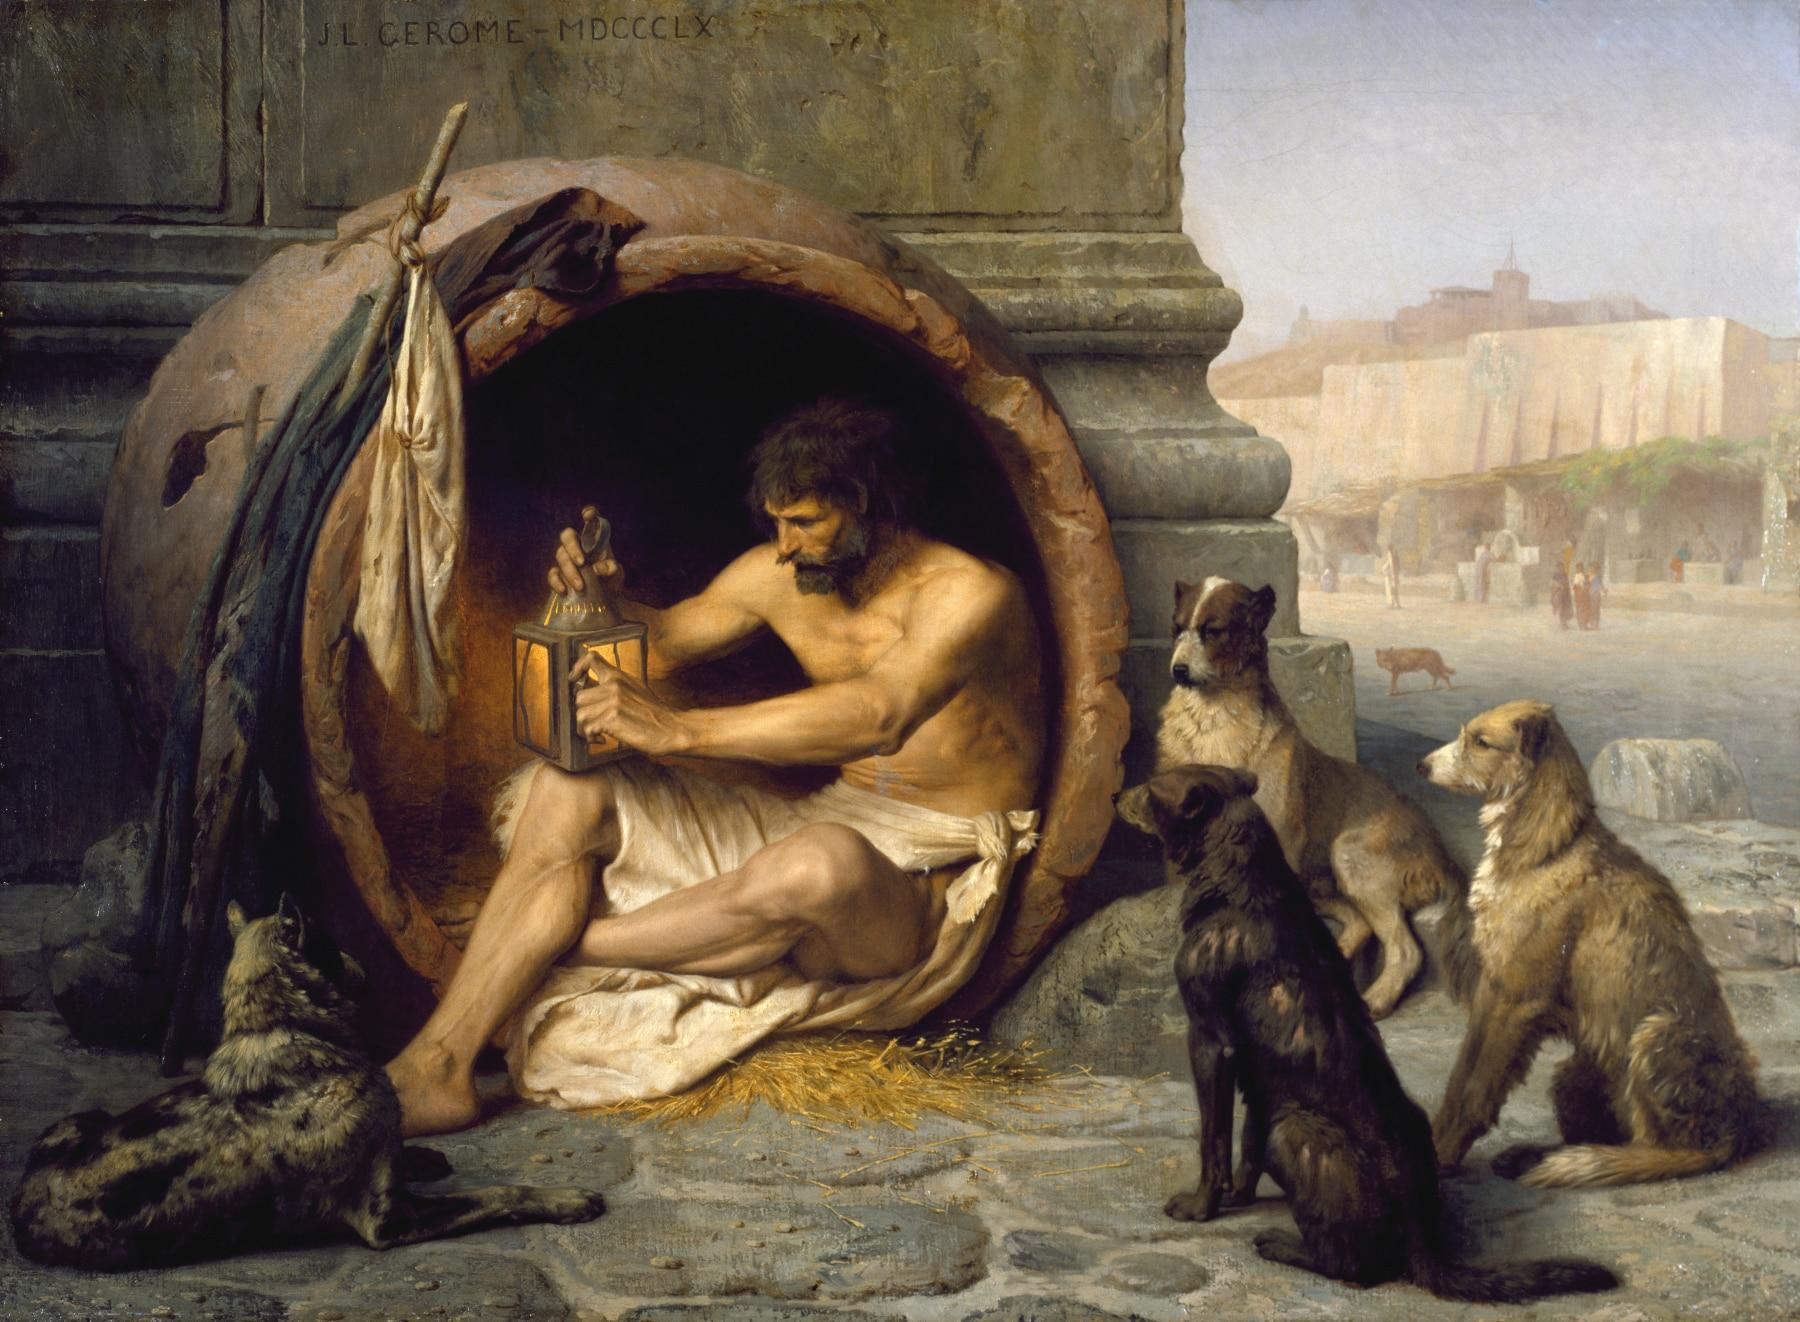 Diogenes mieszkający w beczce był cynikiem. Stoicyzm i minimalizm, inaczej niż cynicy, nie radzą, by wyzbyć się wszystkich rzeczy. Radzą, by się do nich nie przywiązywać i korzystać z nich mądrze. [Jean-Léon Gérôme - Walters Art Museum. Licencja CC.]